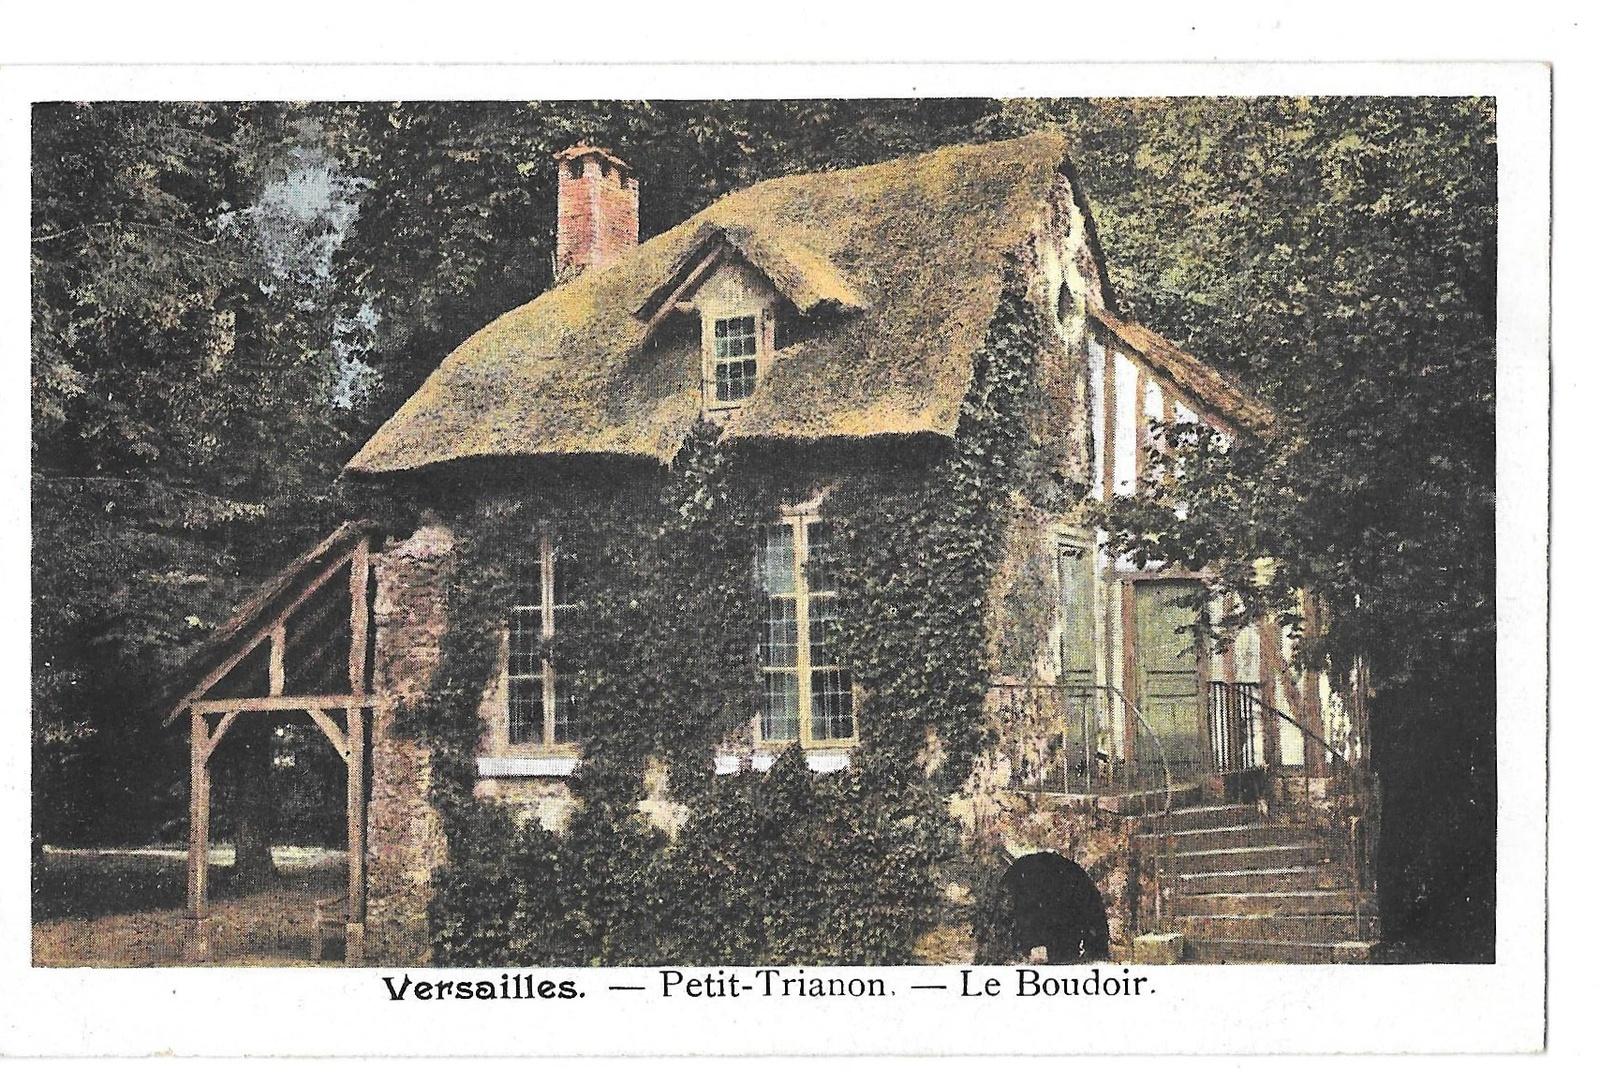 97 br 4950 315 france versailles petit trianon boudoir